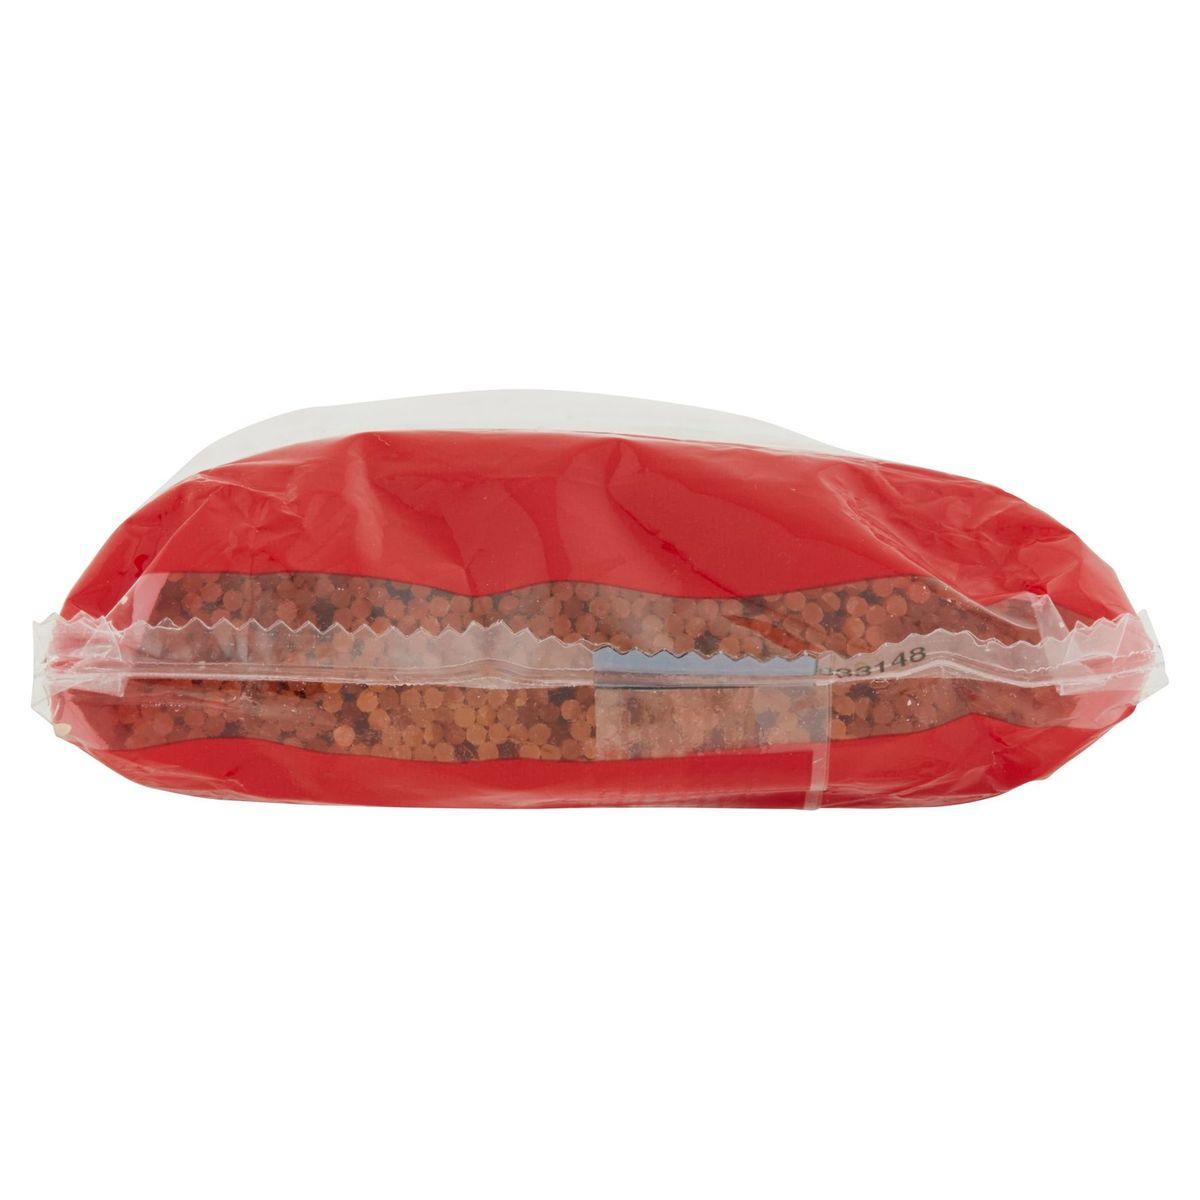 Panzani Spaghetti 500 g